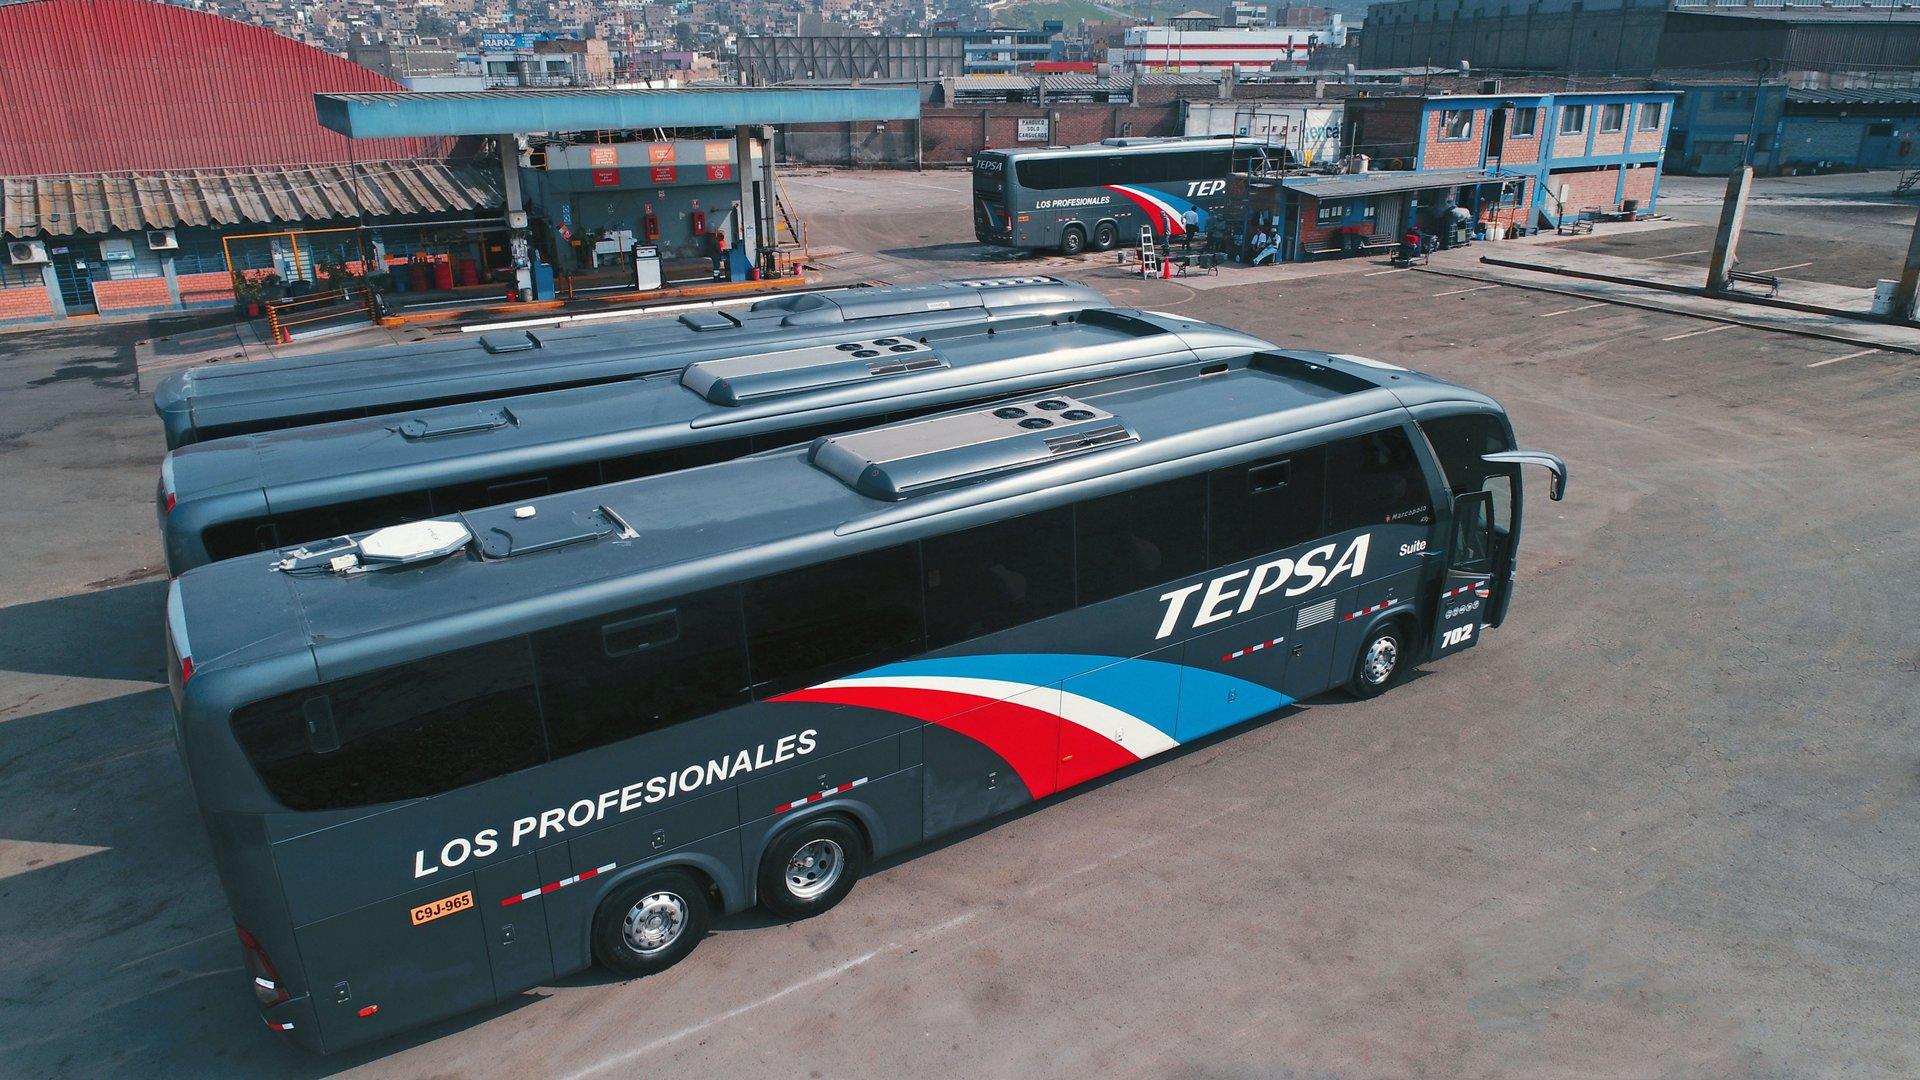 TEPSA garage in Lima, Peru.